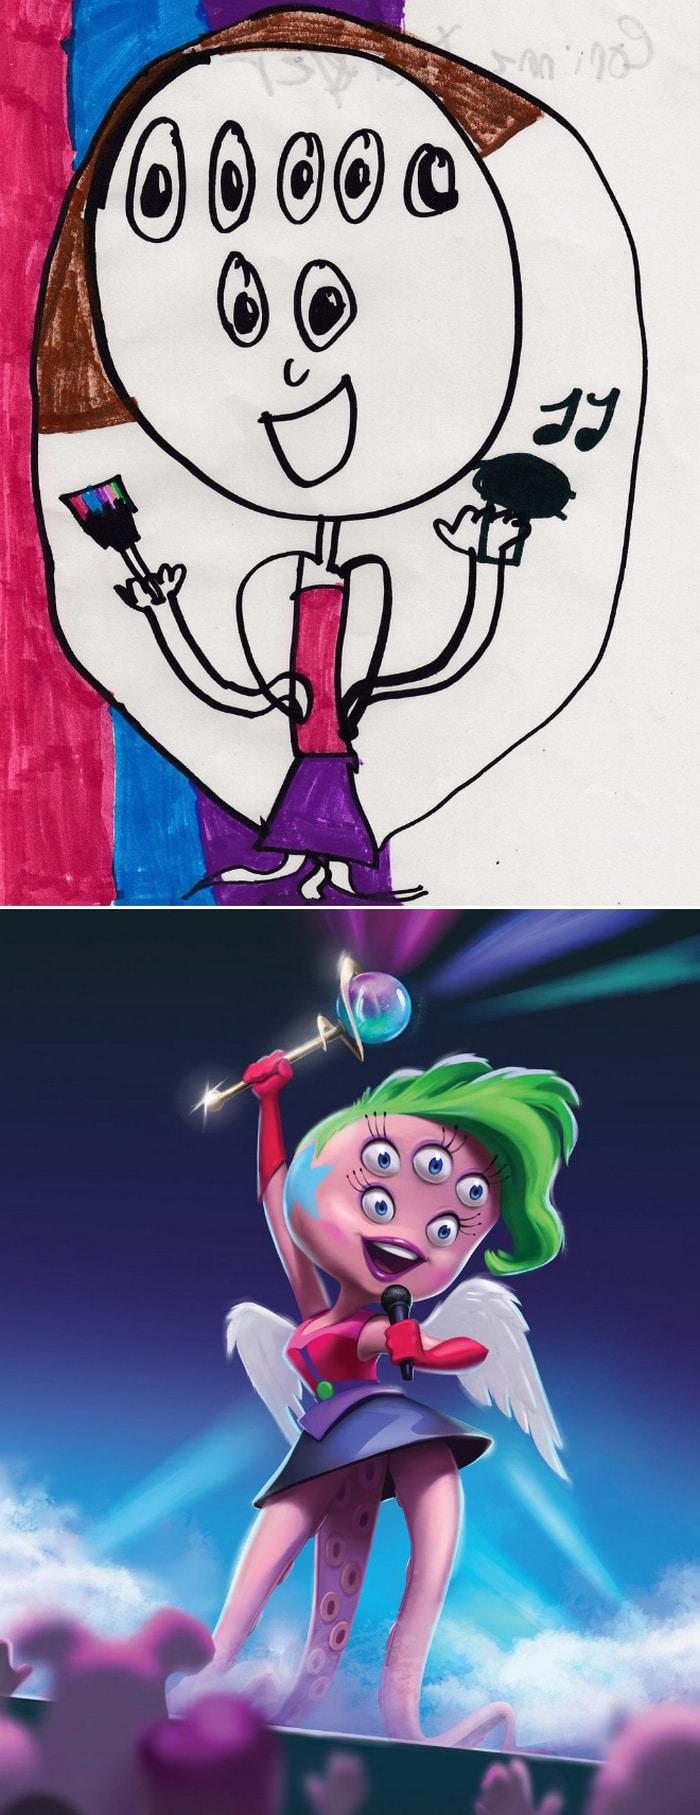 Projeto Monstro - Crianças desenham monstros e artistas recriam com sua arte 5